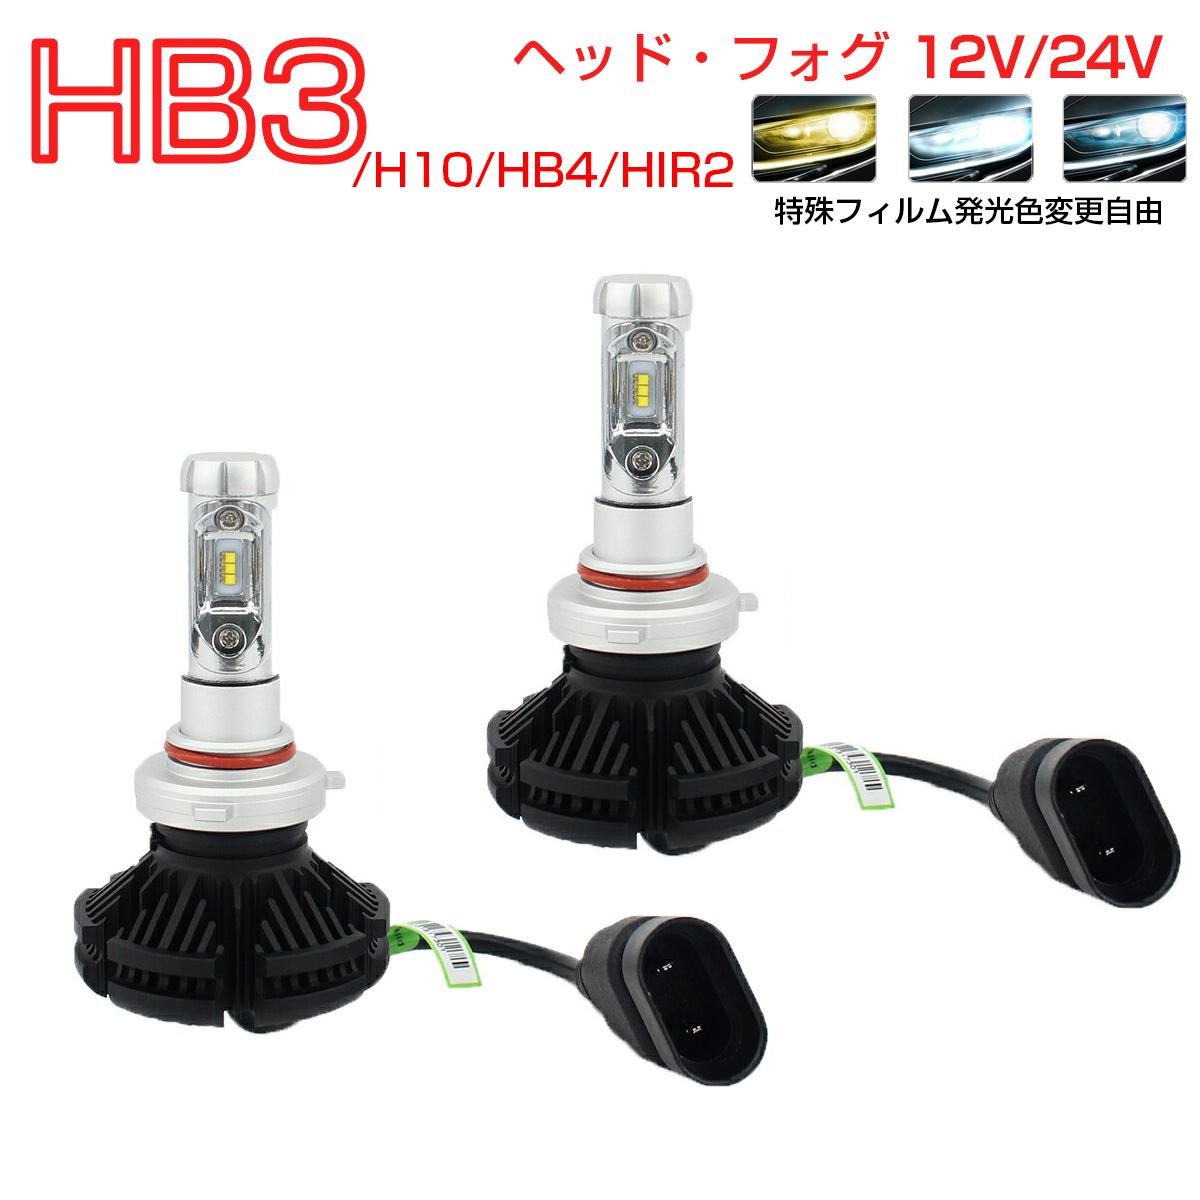 LED HB3 2個入り LEDヘッドライト 6000LM 色交換シート 12V 24V 6500K 宅配便送料無料 1年保証